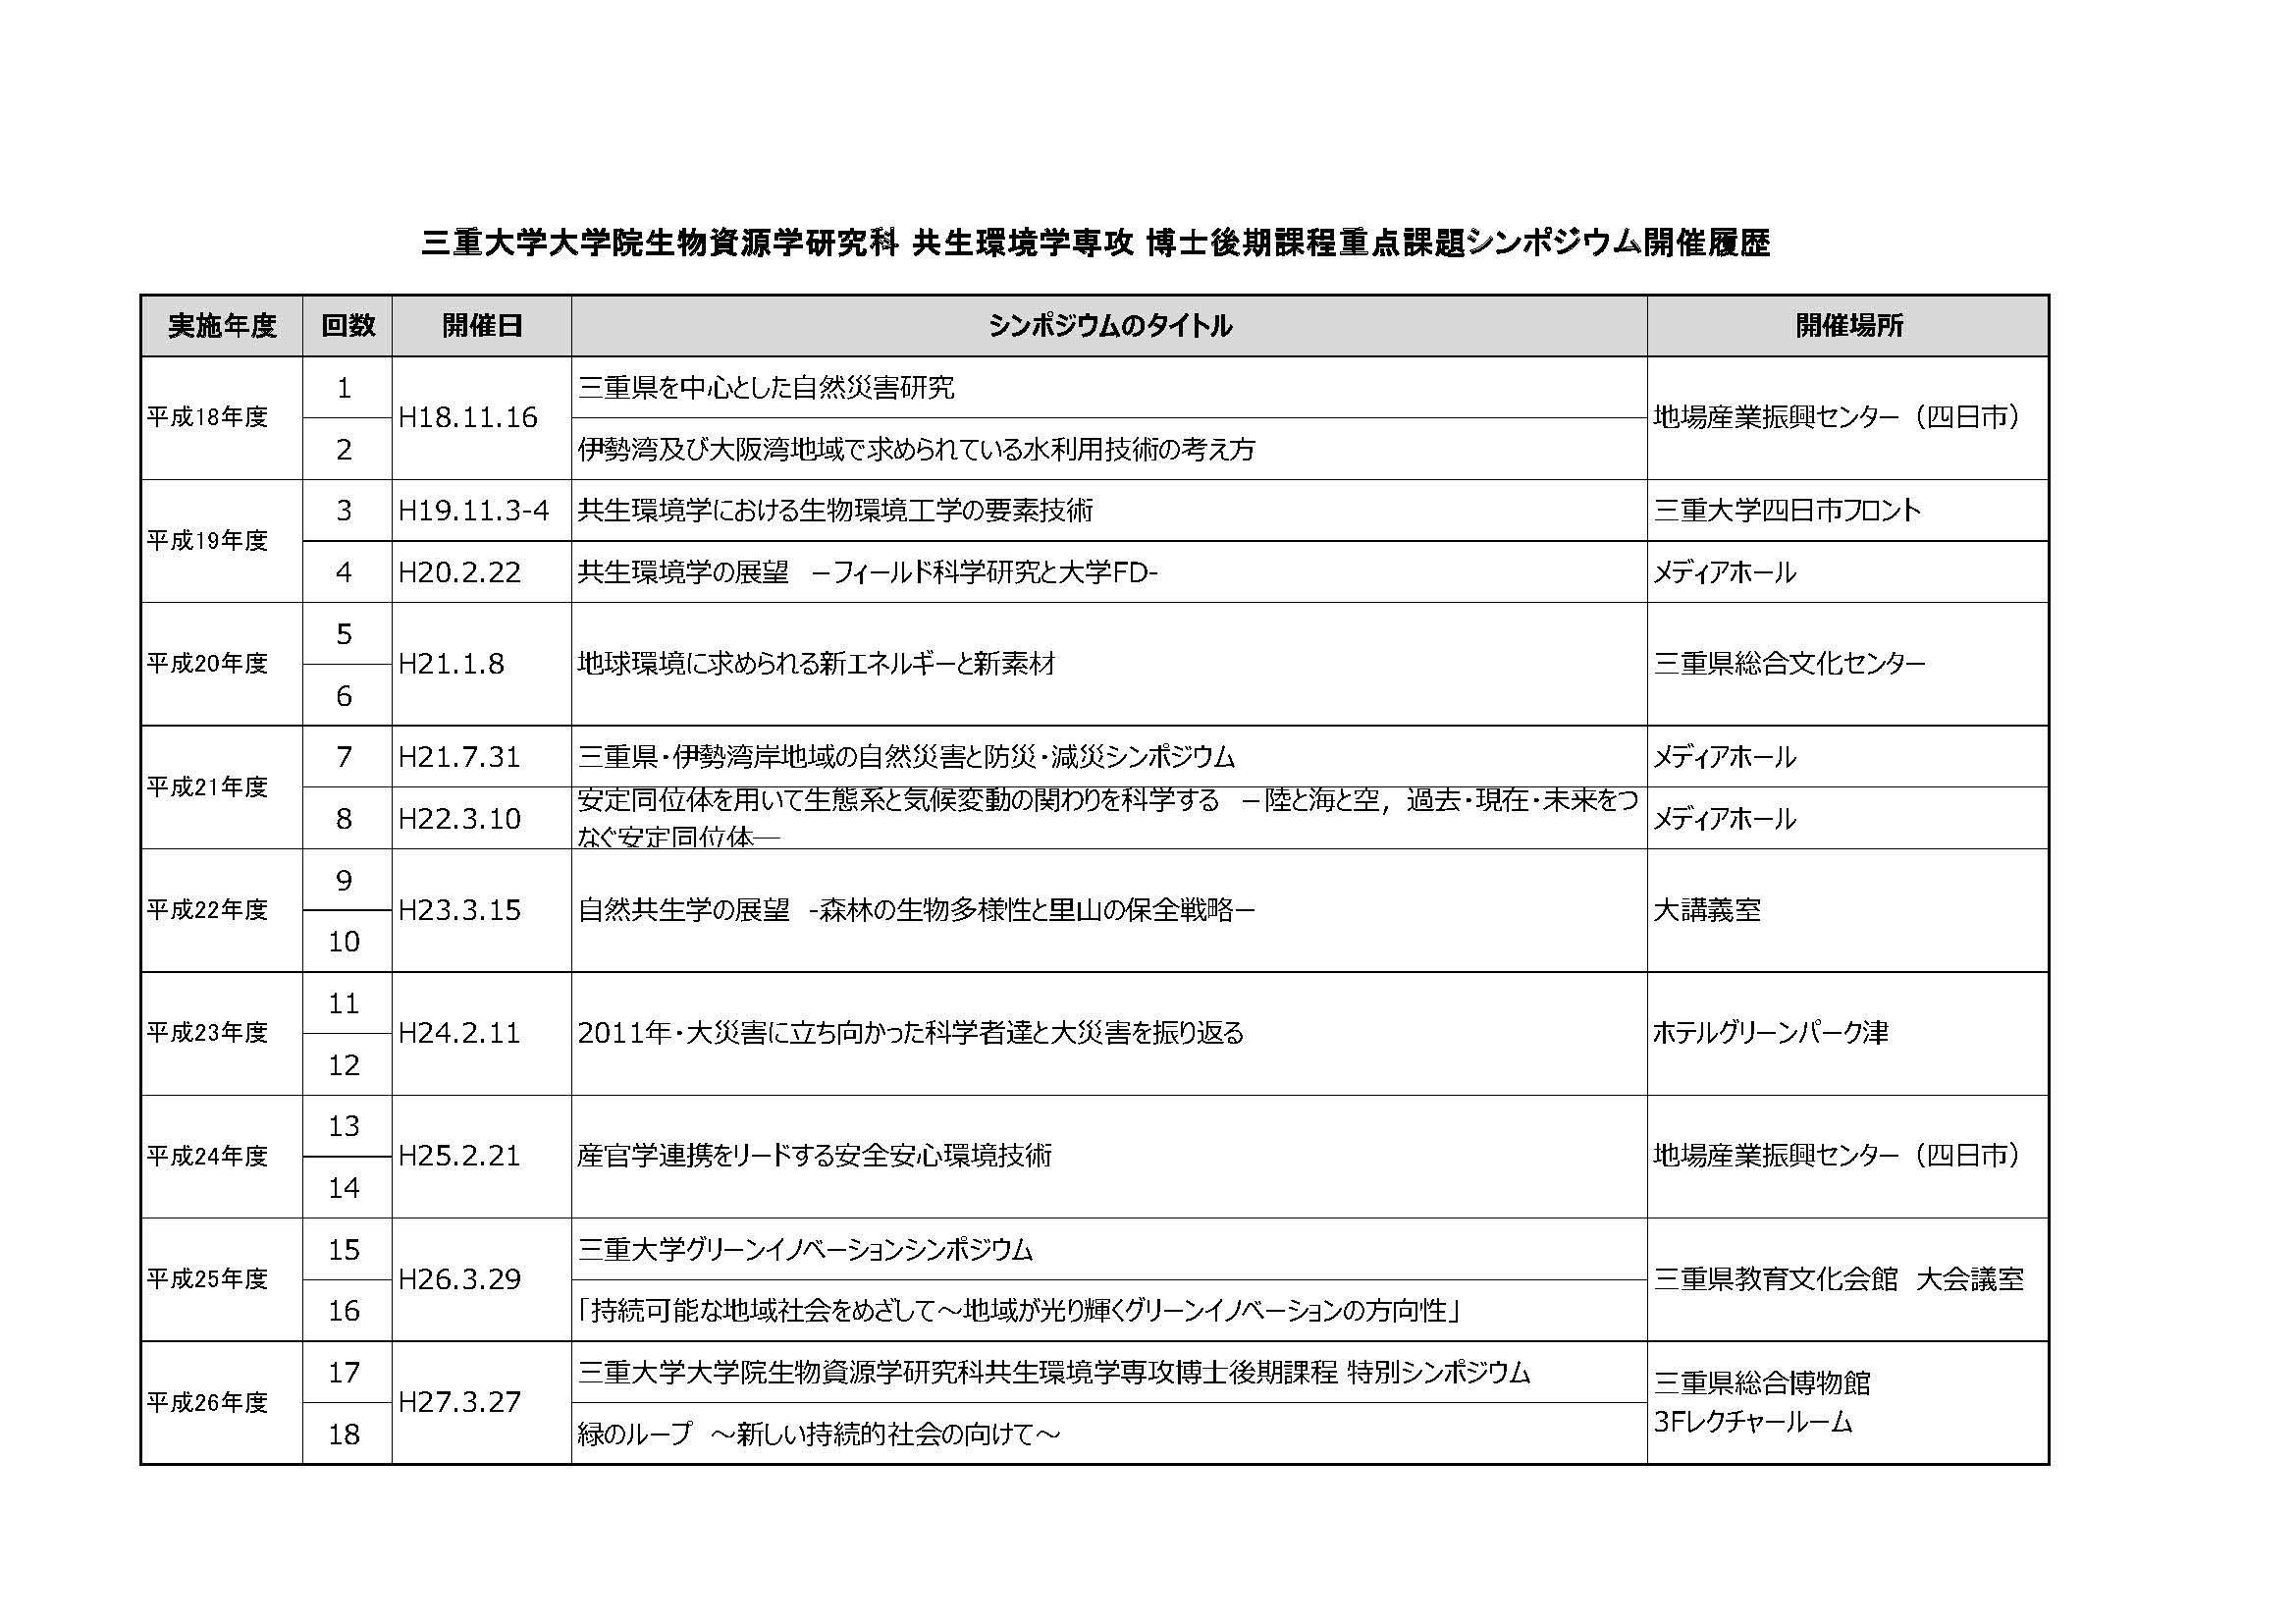 大学院博士後期課程重点課題に関するシンポジウムの開催履歴